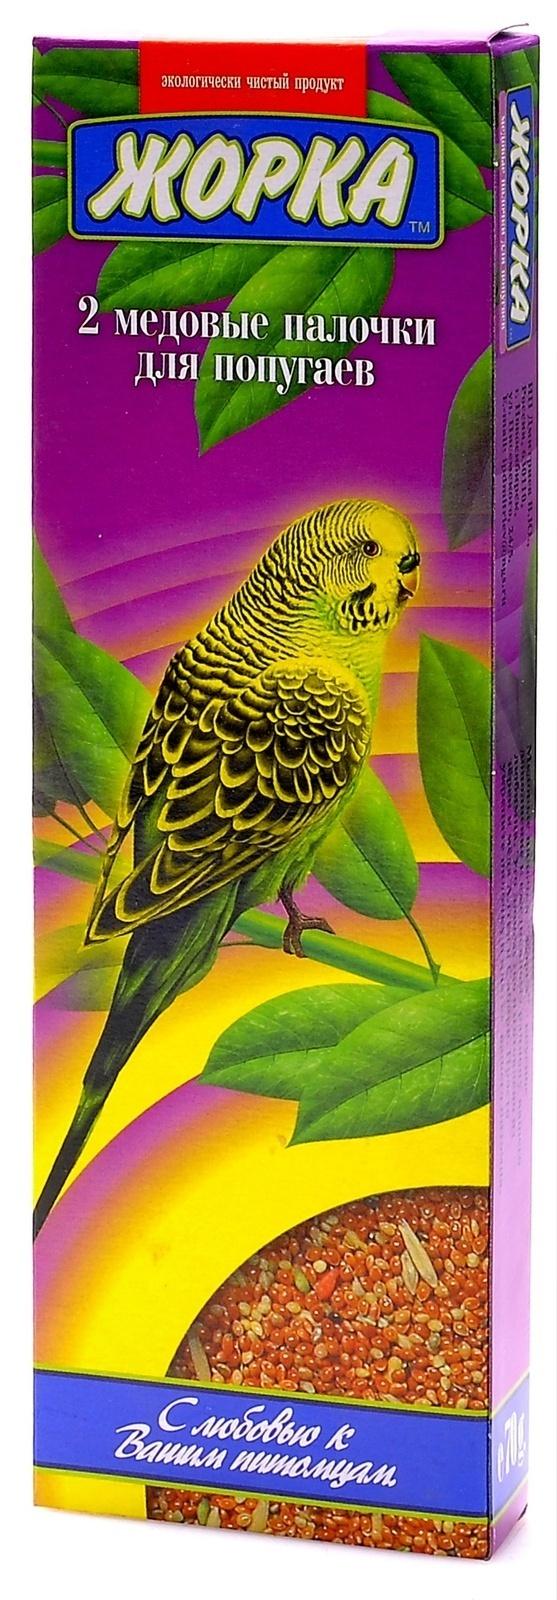 Жорка 2шт. Палочки для волнистых попугаев, 0,080 кг